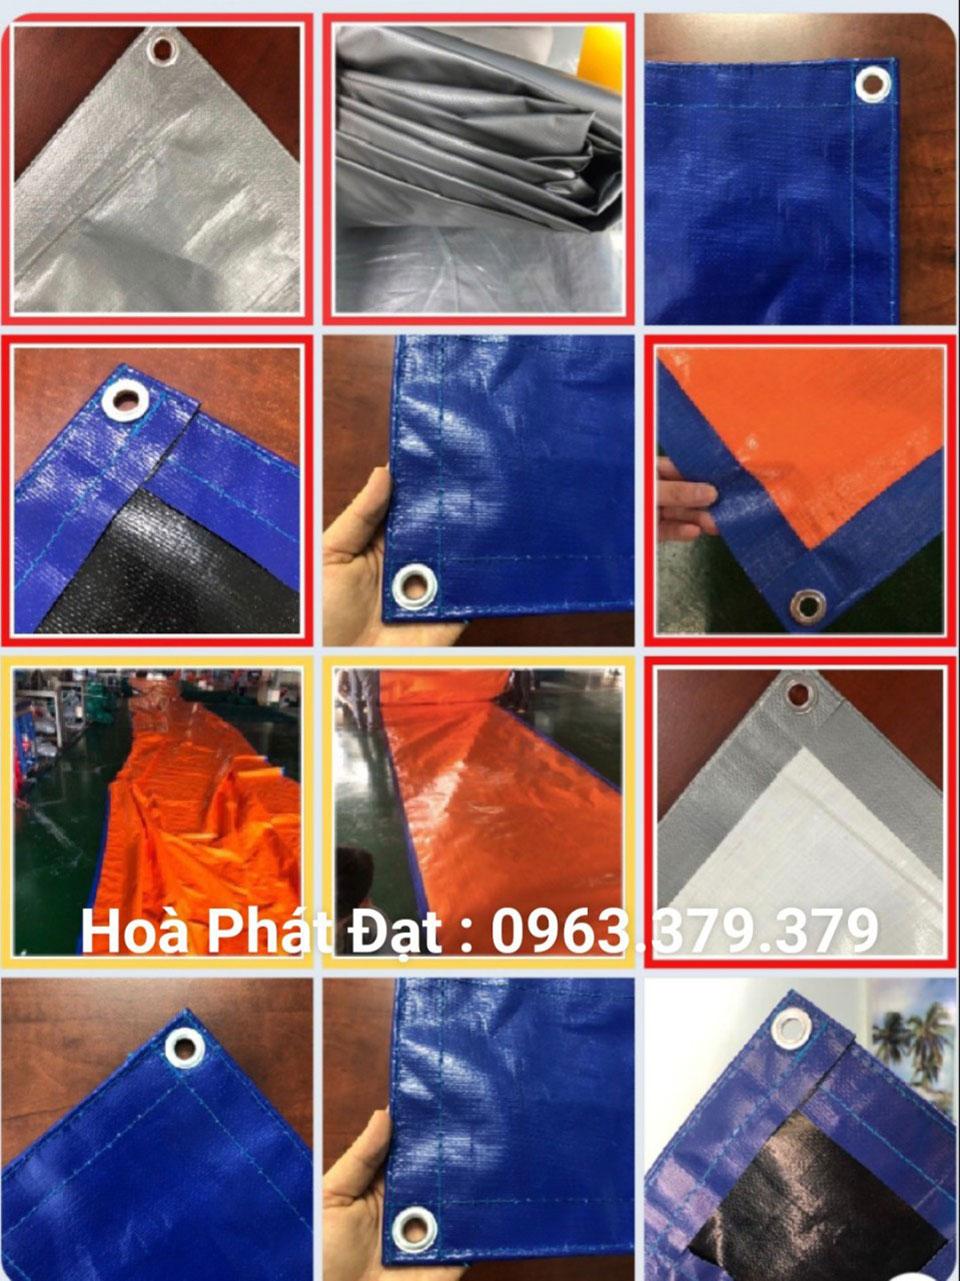 mẫu-bạt-nhựa-xanh-cam-chính-hãng-giá-rẻ